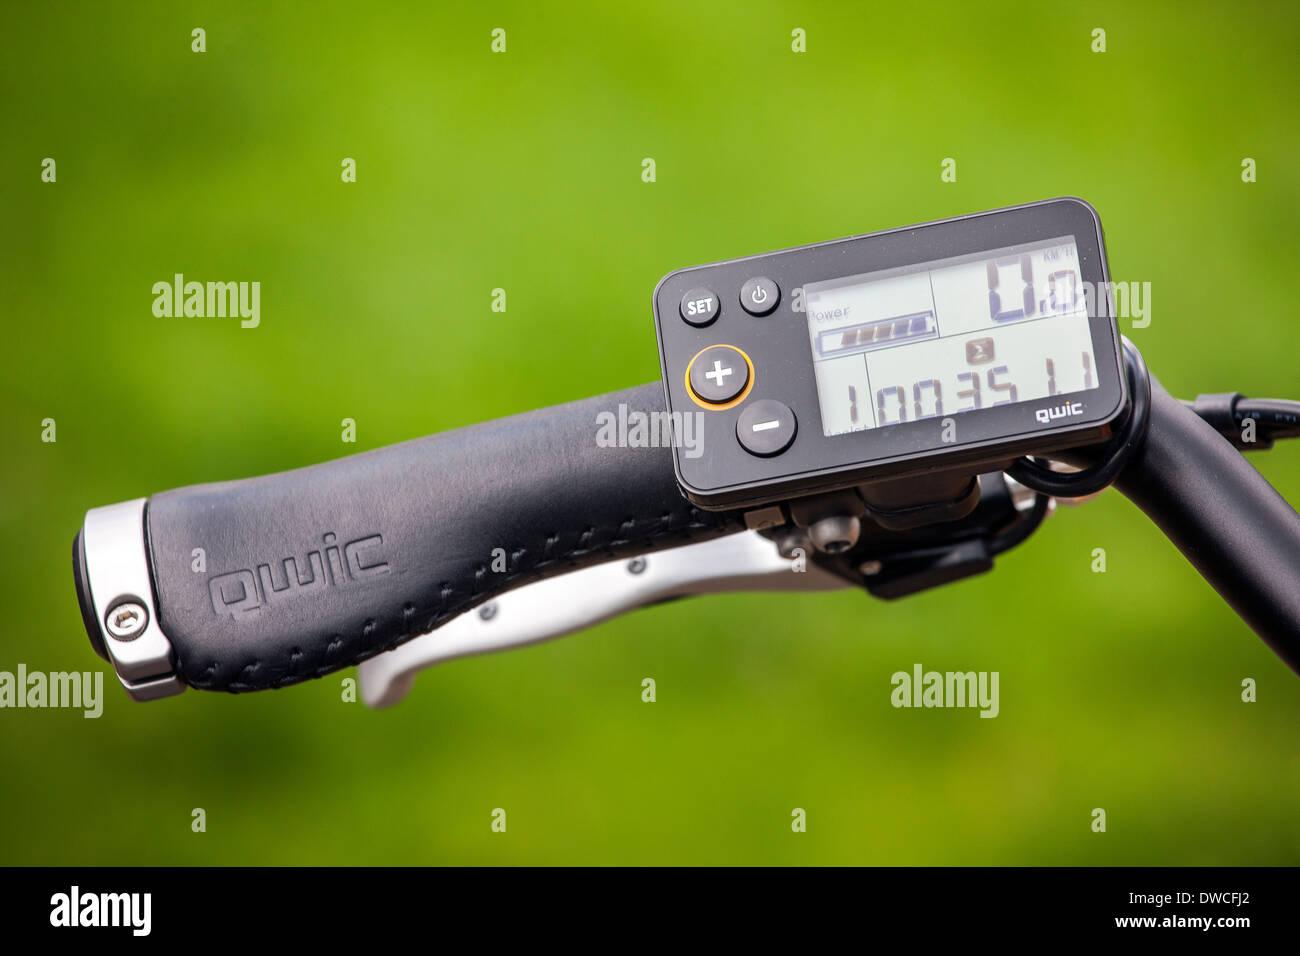 Affichage numérique de / pedelec e-bike vélo électrique / montrant avec batterie intégrée de l'indicateur de mesure de niveau Photo Stock